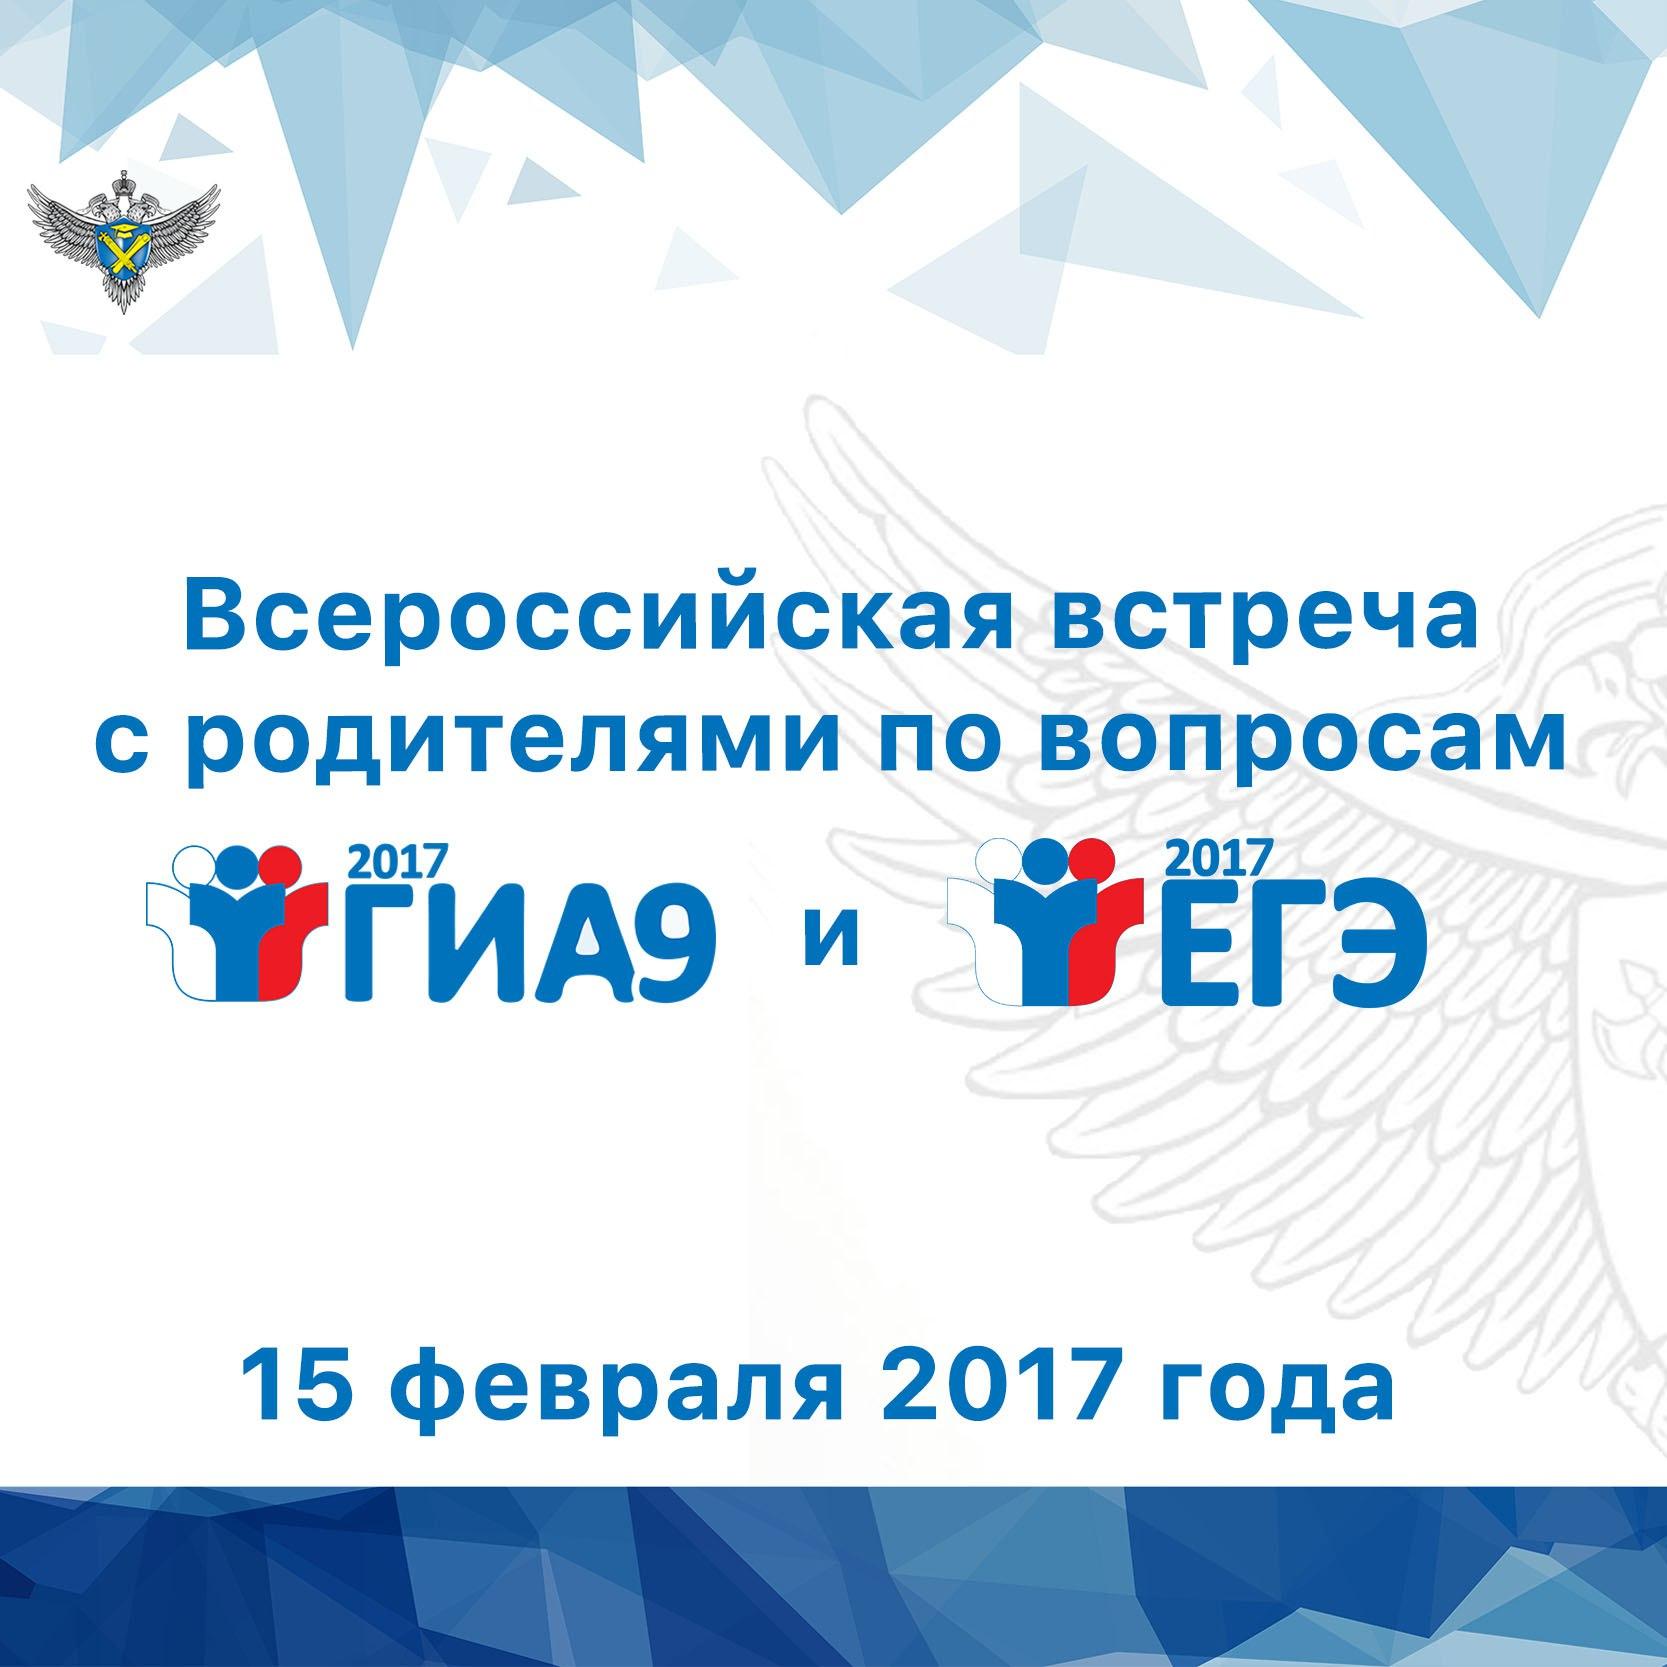 Картинки по запросу картинка всероссийская встреча с родителями 15 февраля 2017 года